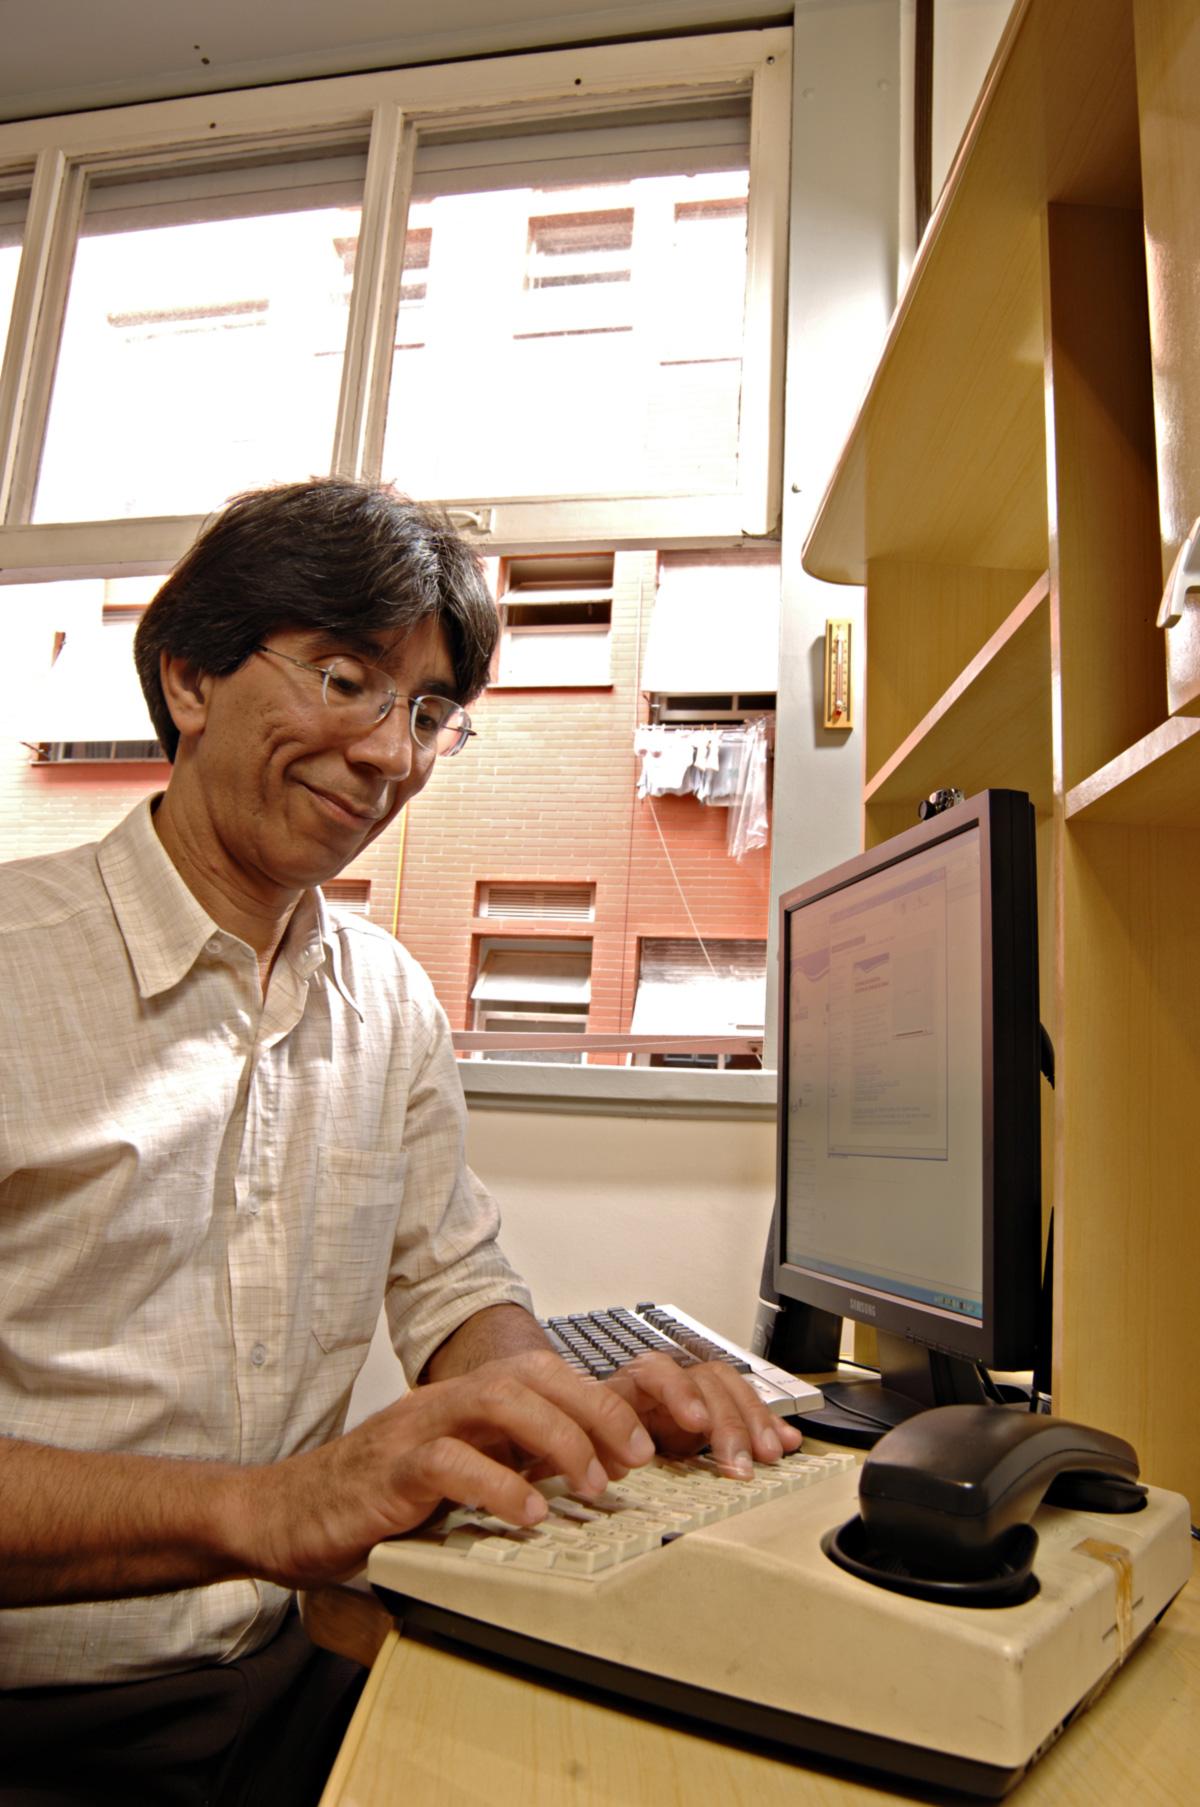 Com o aparelho TDD que tem em casa, João Carlos faz ligações telefônicas sem precisar ouvir ou falar. Comunica-se por escrito